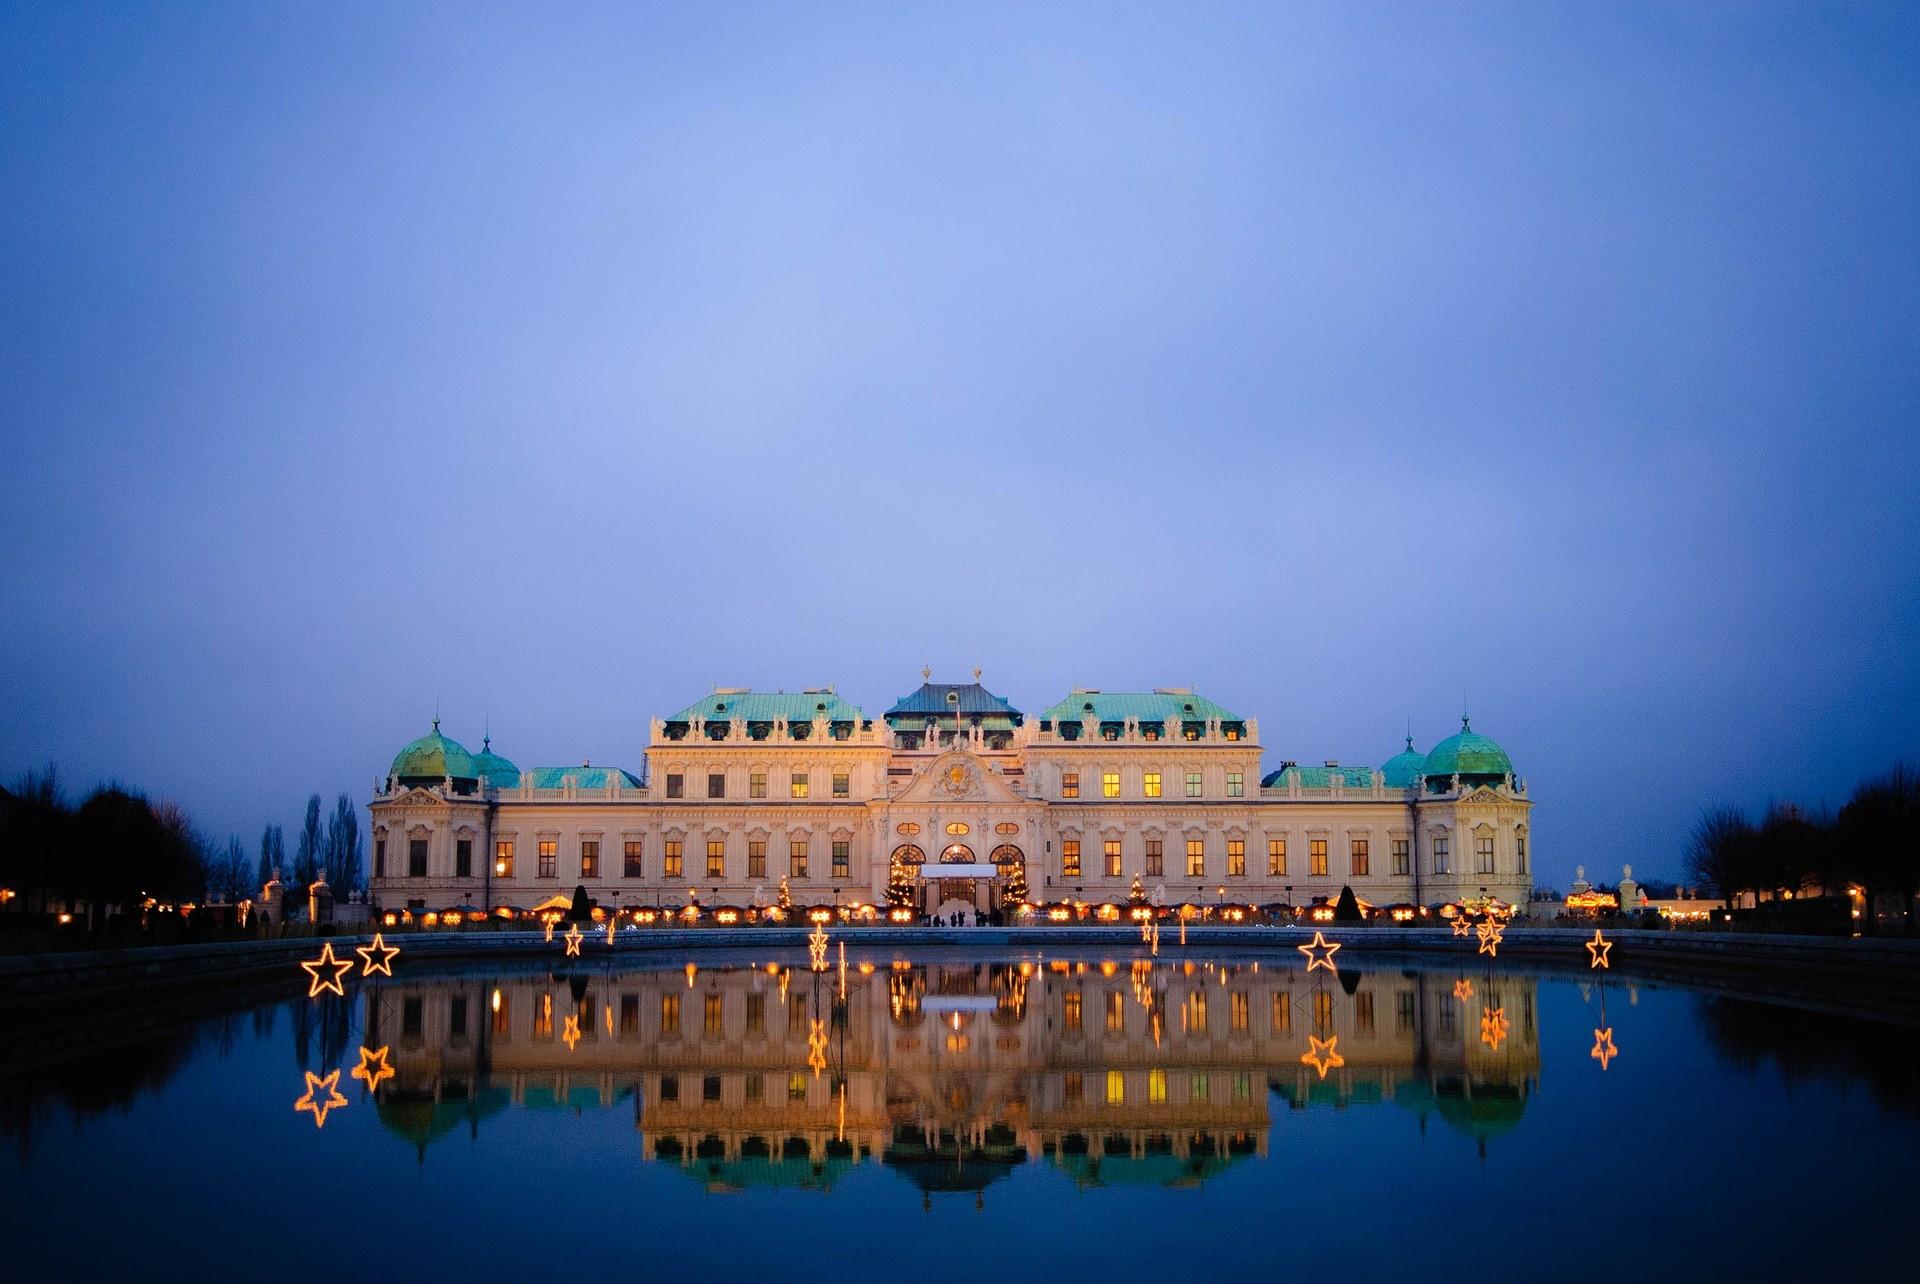 美景宫美术馆,维也纳,全年